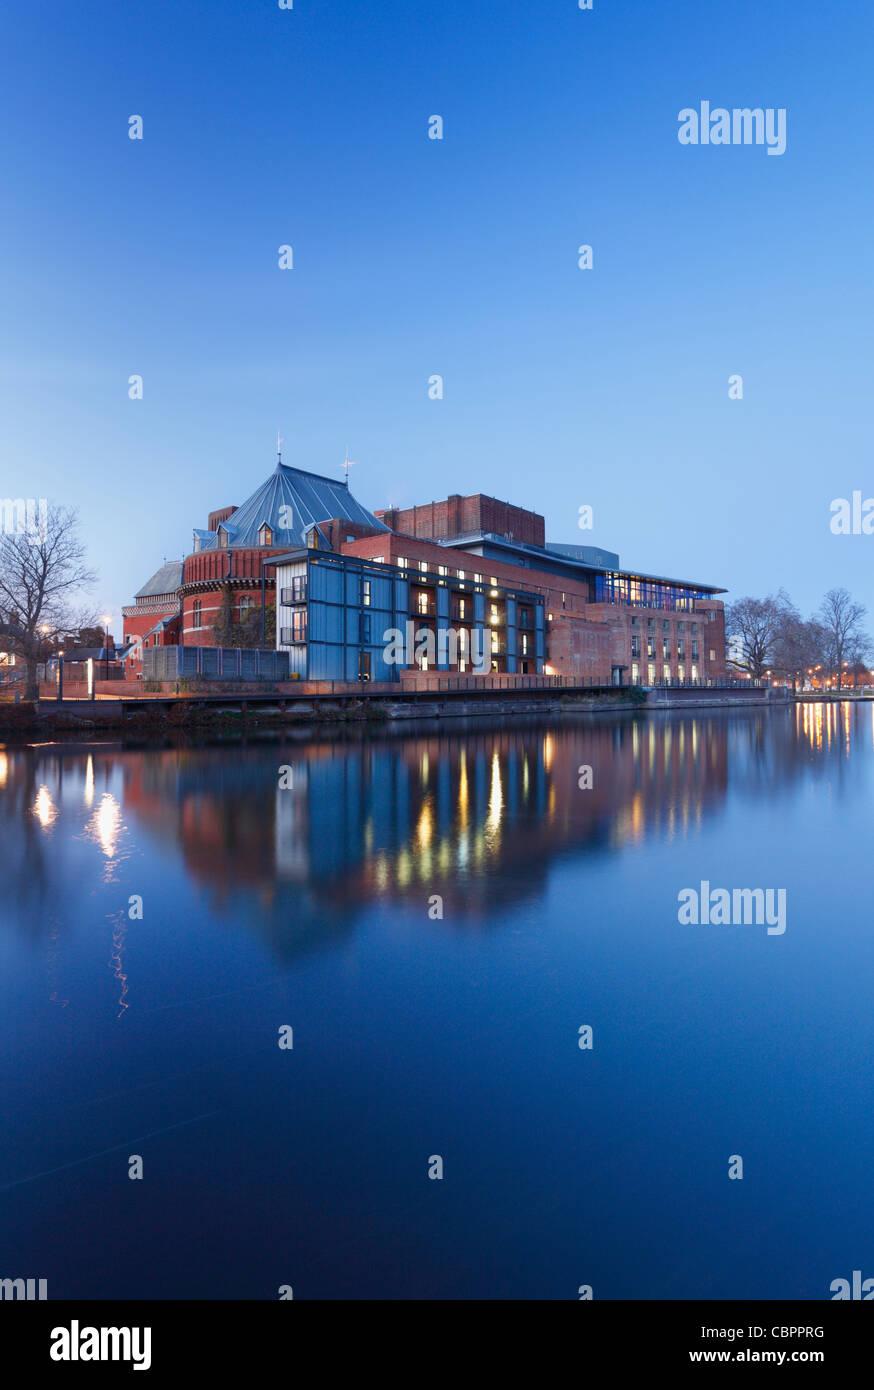 Royal Shakespeare Theatre am Fluss Avon in der Abenddämmerung. Stratford-upon-Avon. Warwickshire. England. Stockbild